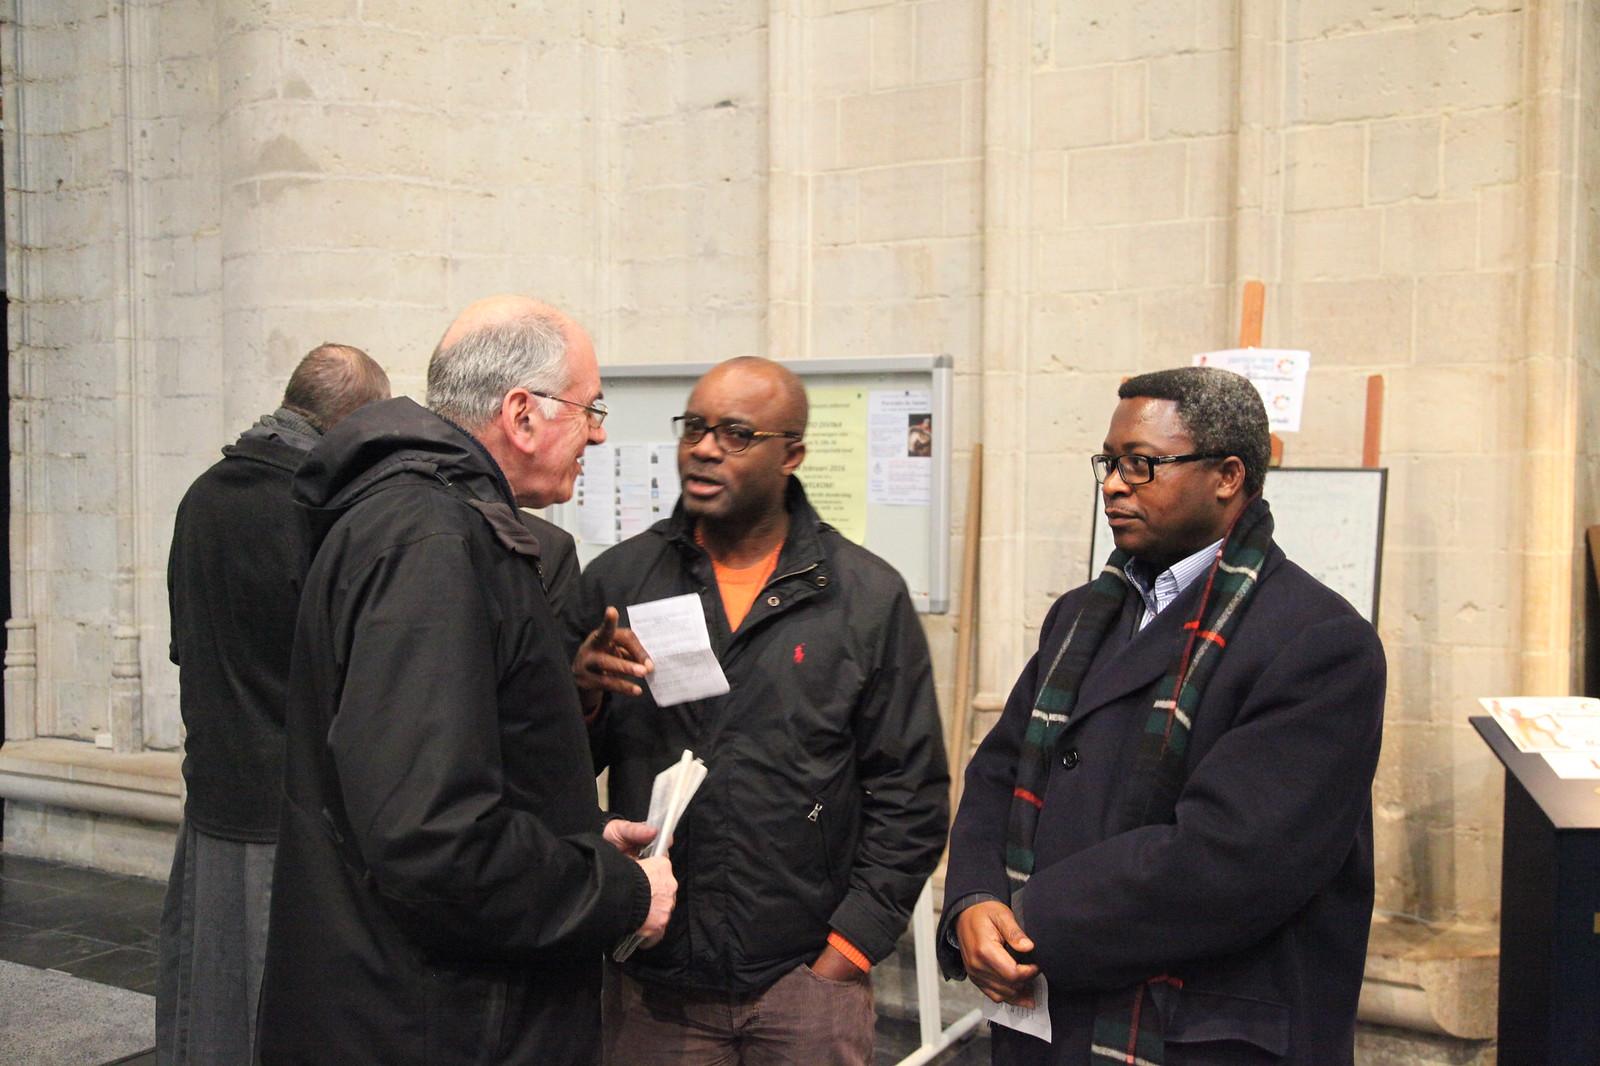 04/02/16: Des prêtres de Bruxelles rencontrent leurs évêques